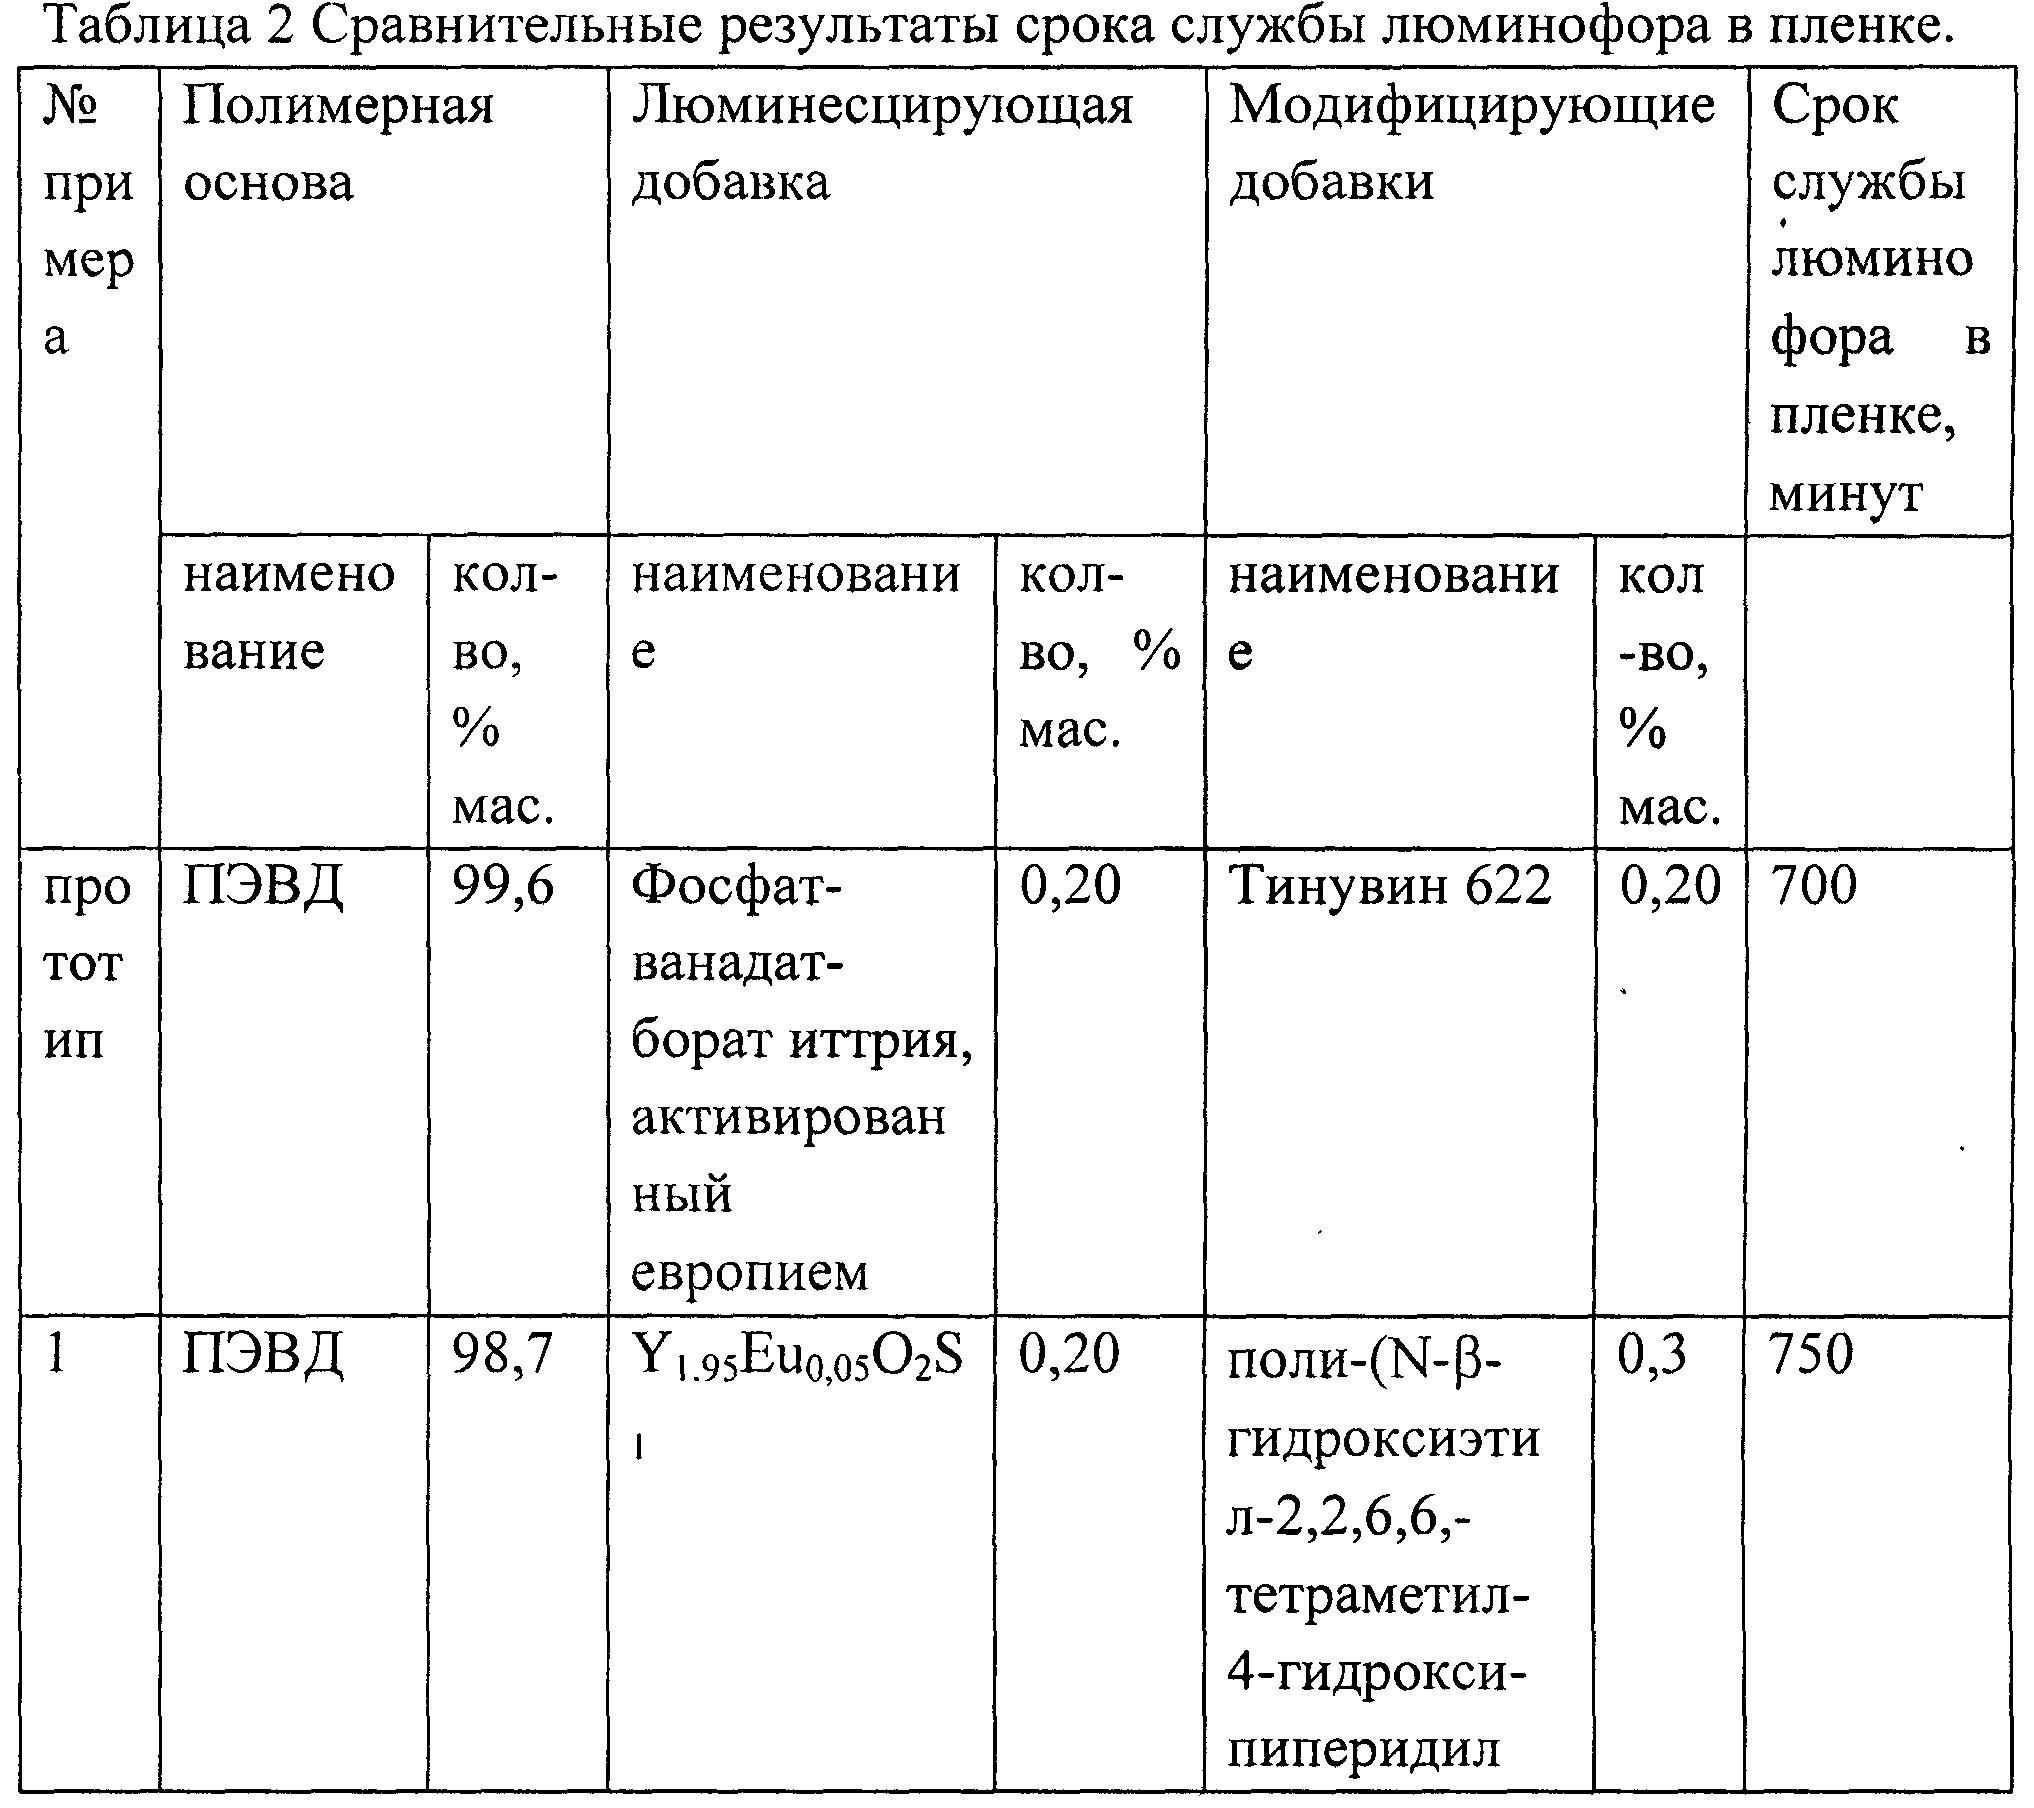 Сравнительные результаты срока службы люминофора в пленке